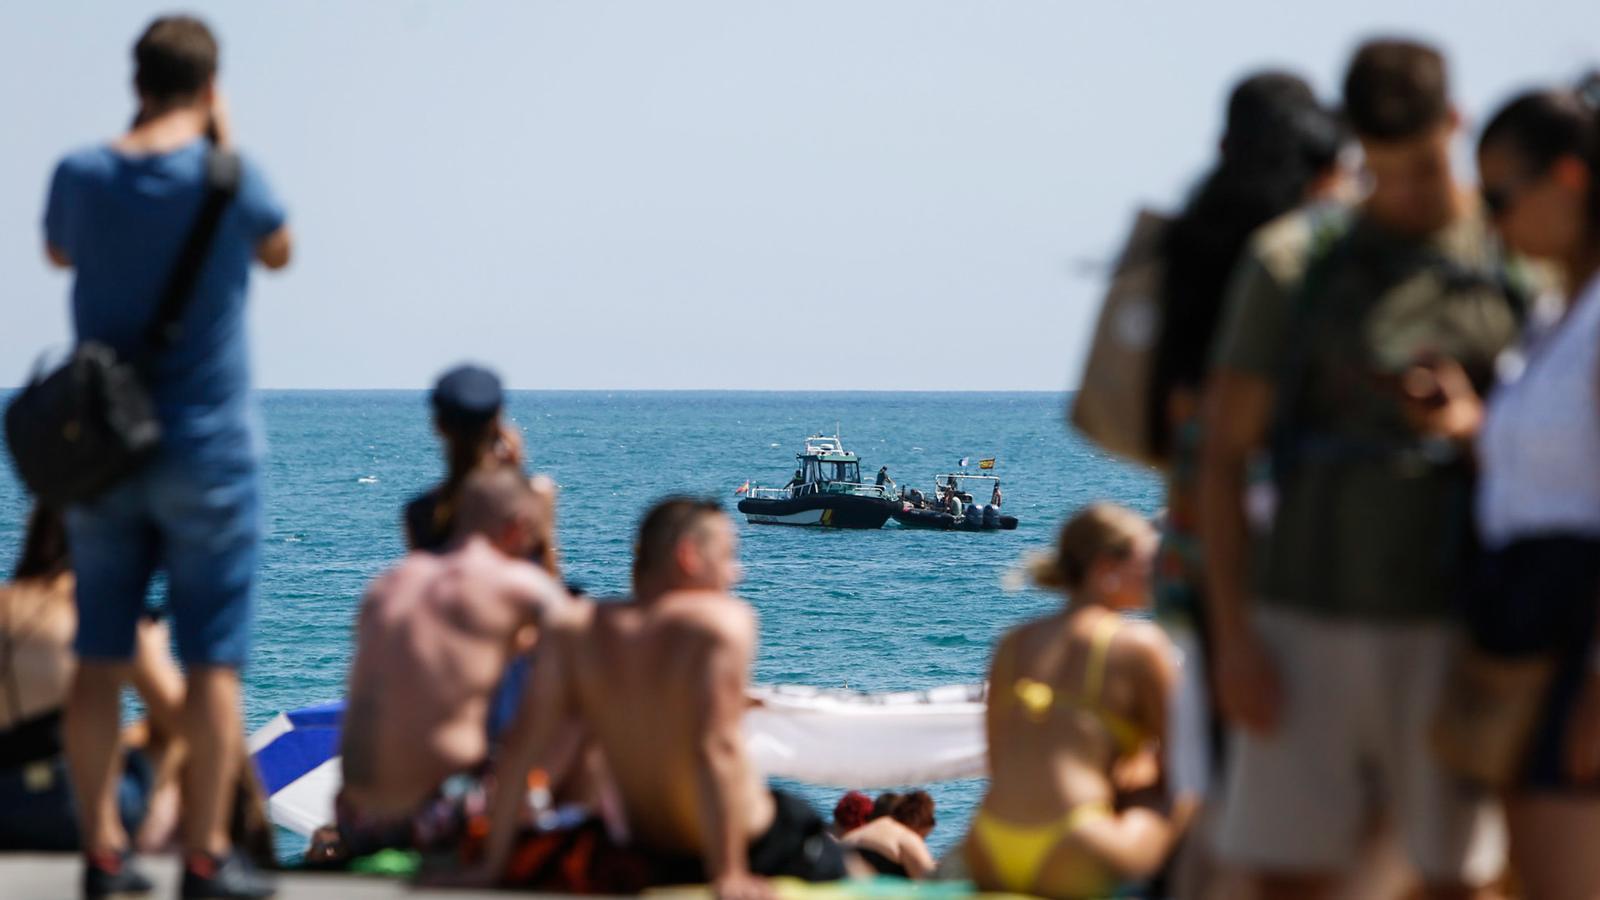 Desallotjada una platja de Barcelona per un artefacte explosiu trobat dins l'aigua